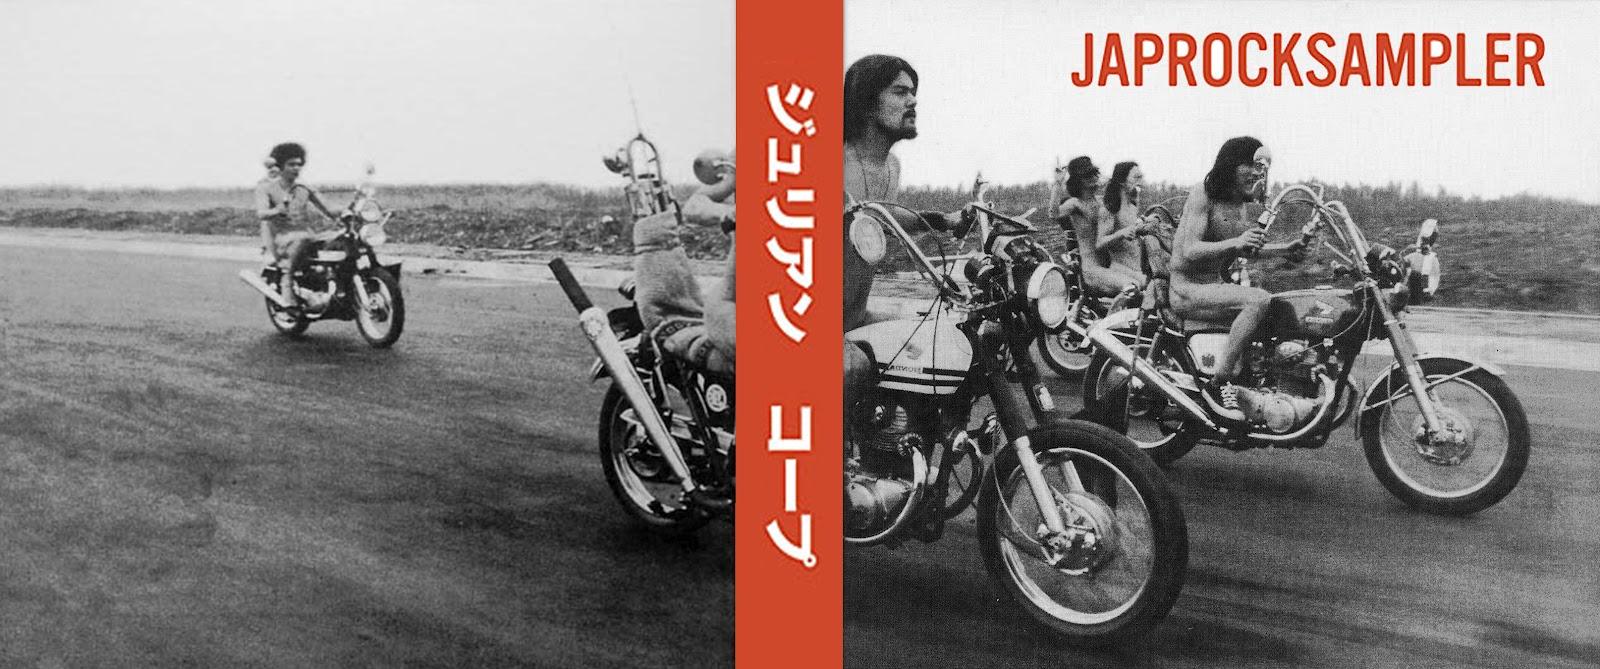 Japrocksampler: les rallizes dénudés | japanese forms | flickr.